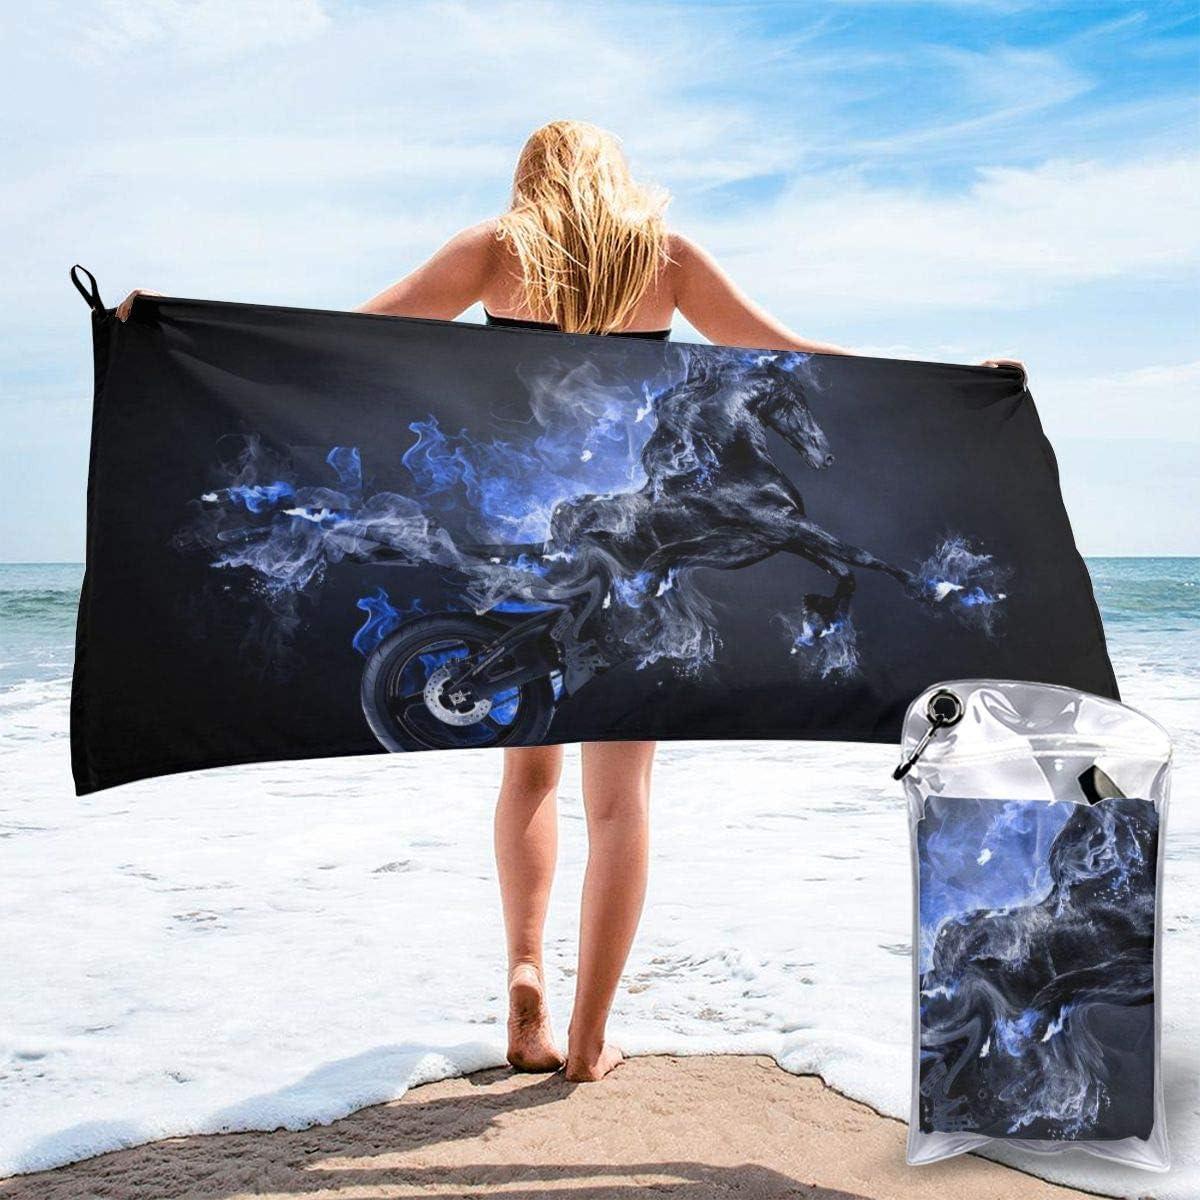 YYRR Toallas de baño de Microfibra de Viaje Grande Toallas Ligeras súper absorbentes para Nadadores - Toalla de Playa de Secado rápido para Motocicleta, Arte de Caballo Hermoso para Acampar, Camina